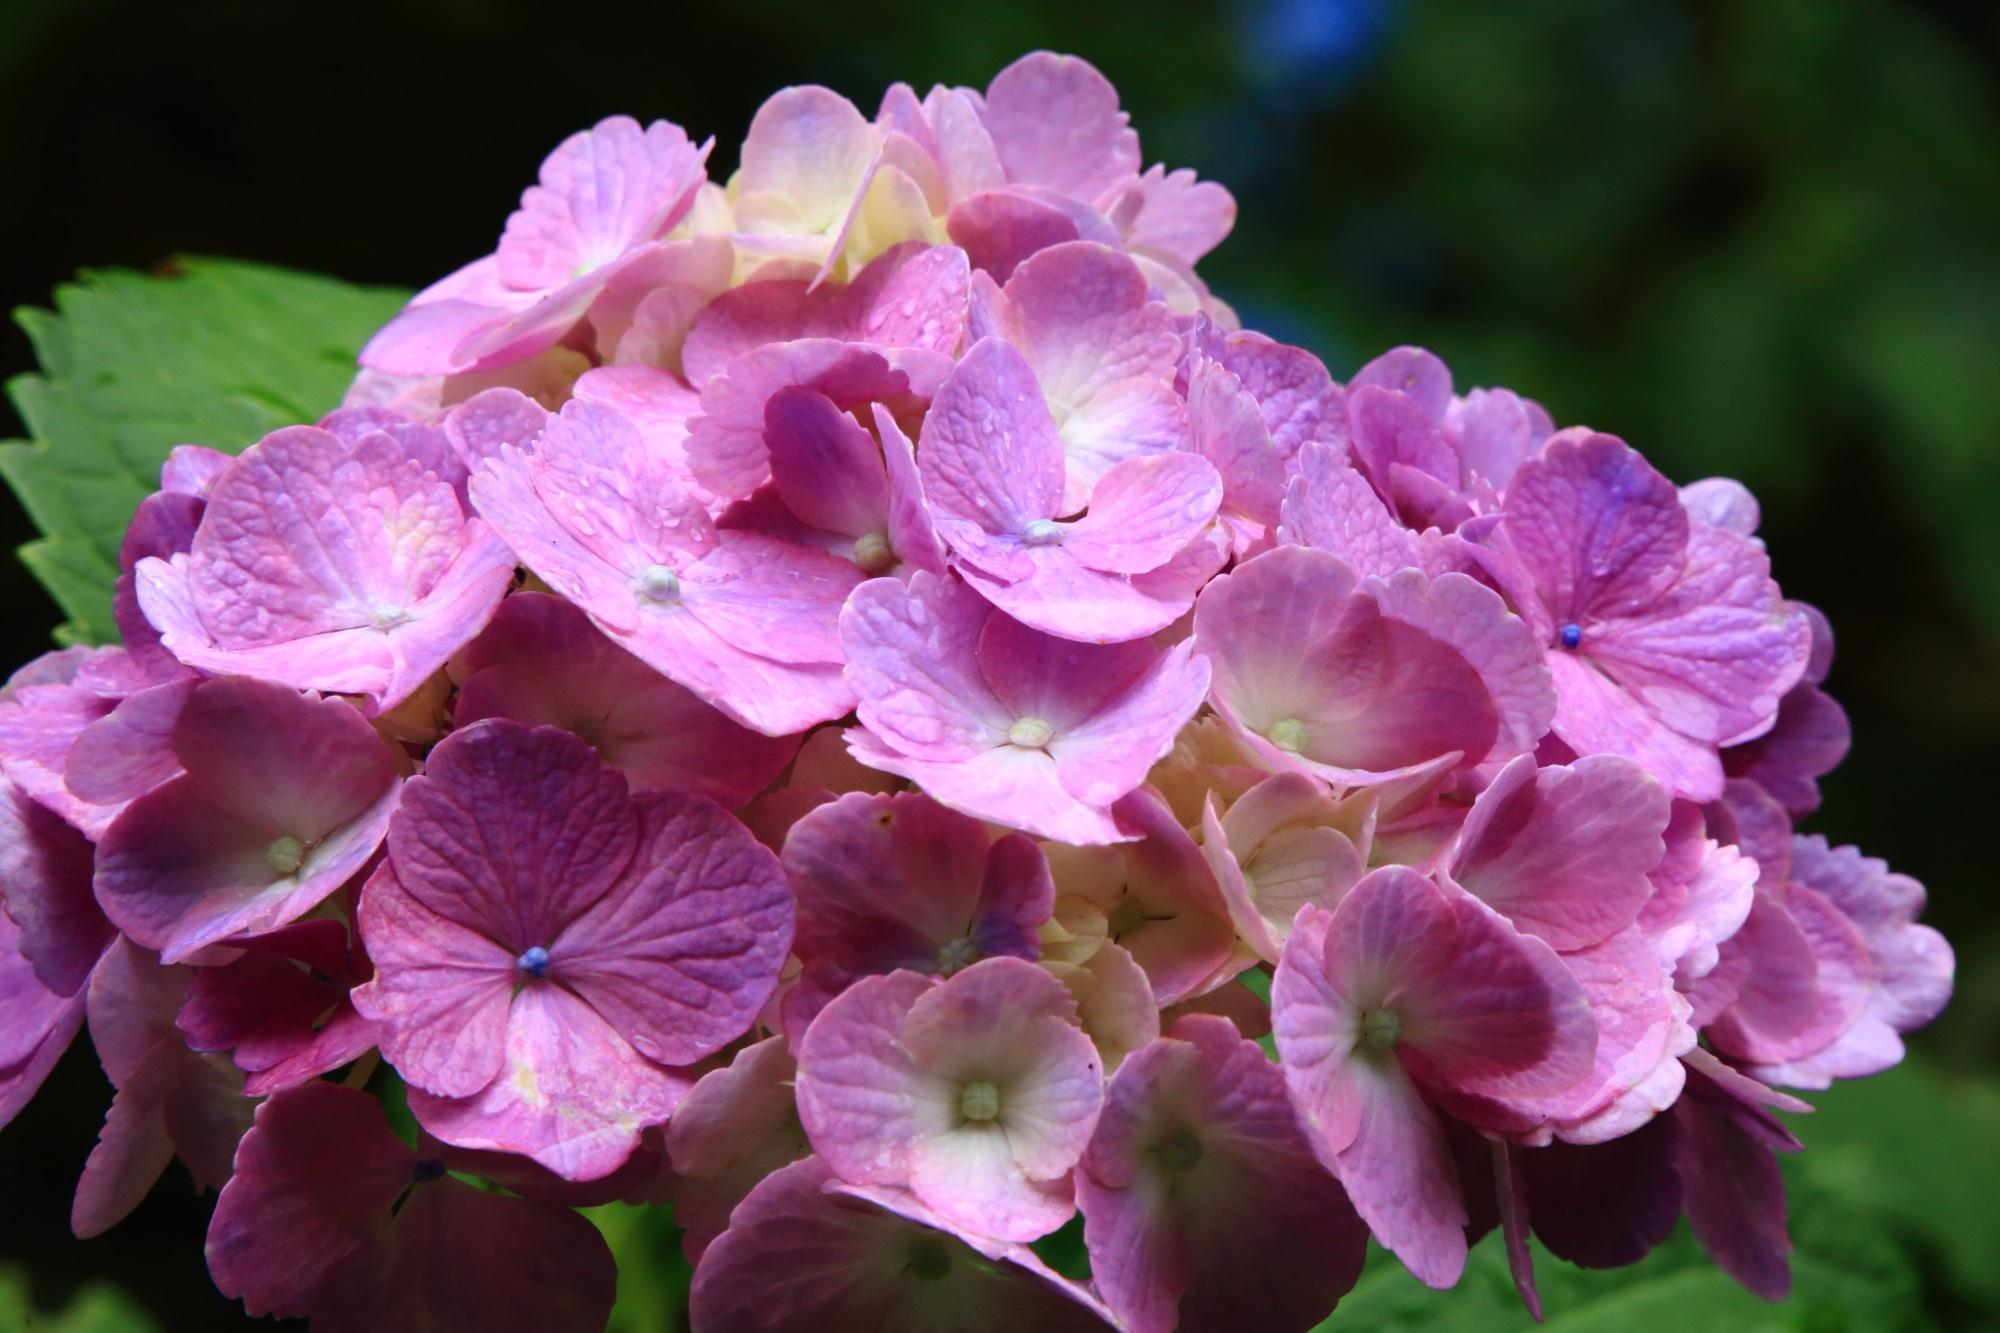 鮮やかとも華やかとも言えそうな色合いのピンクの紫陽花